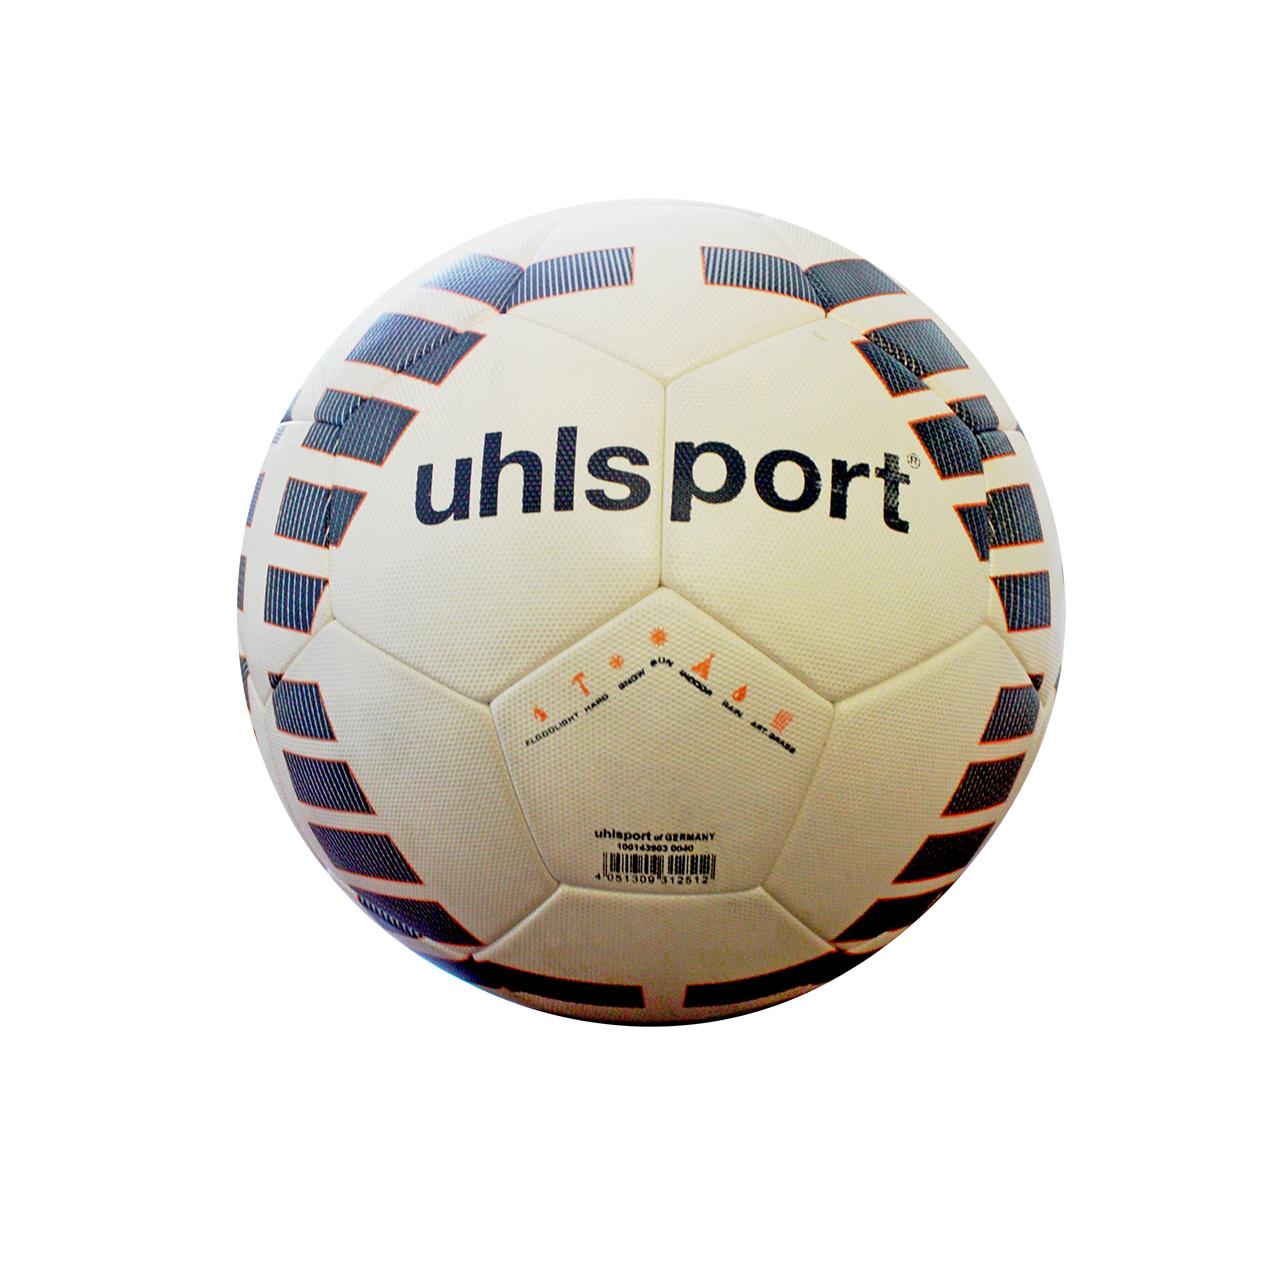 توپ فوتبال آلشپرت کد15467